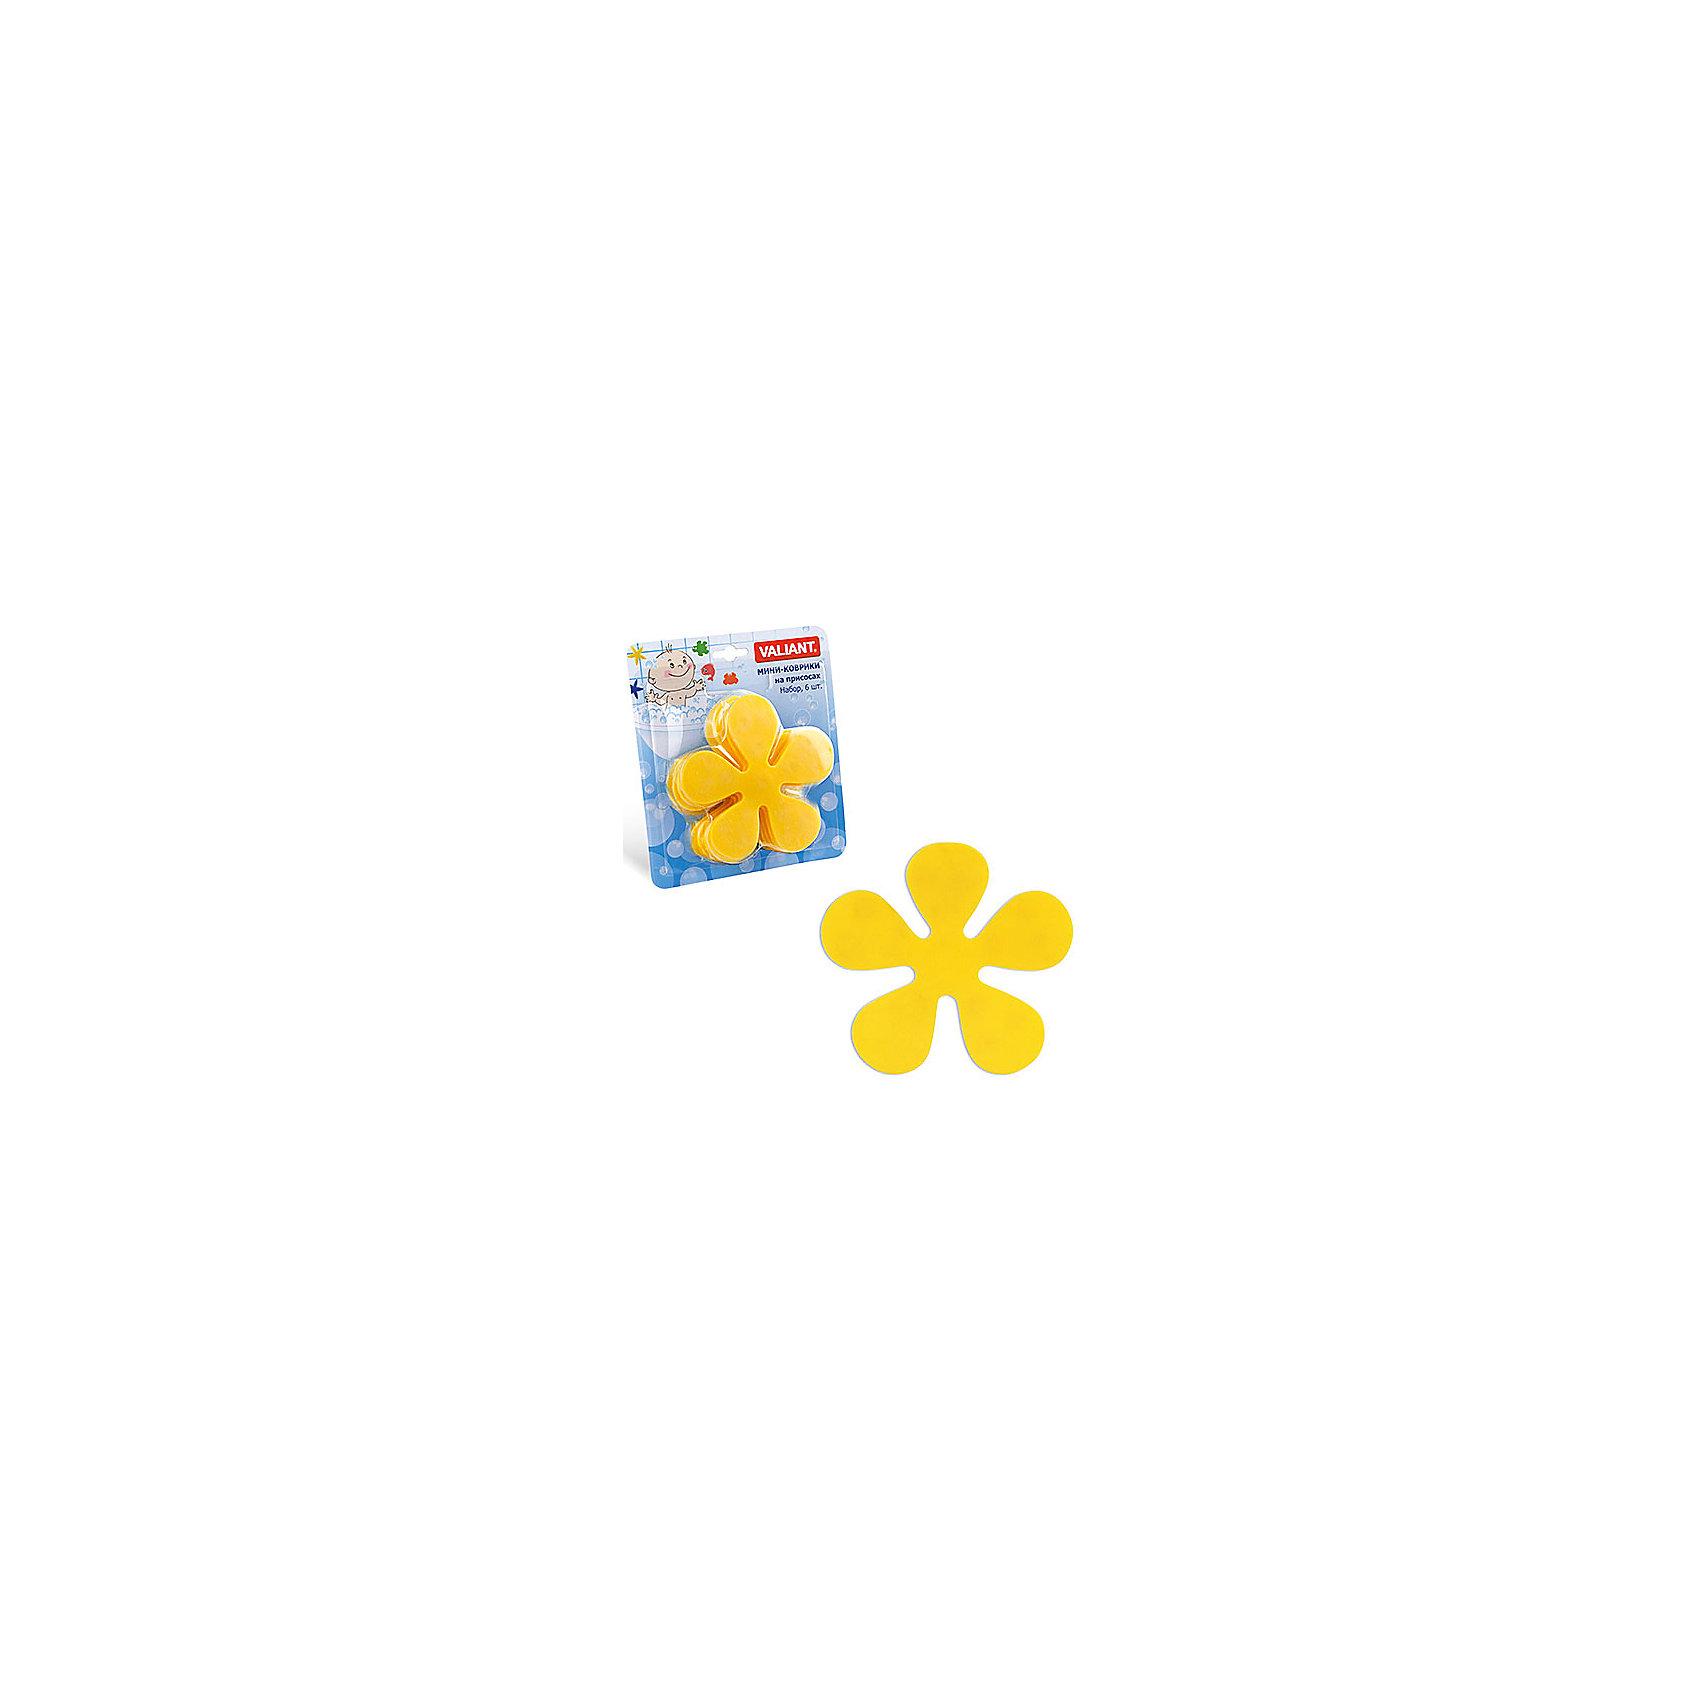 Набор ковриков Цветок на присосках (6 шт)Ванная комната<br>Мини-коврики для ванной комнаты - это яркое дополнение к купанию малыша. Это и игра и развитие моторики и изучение зверушек. <br>Колоссальный и постоянно растущий спрос на них обусловлен реакцией малышей и их мам на данное изобретение по всему миру.<br>Мини-коврики снабжены присосками и превосходно клеятся на влажный кафель.<br><br>Ширина мм: 190<br>Глубина мм: 170<br>Высота мм: 40<br>Вес г: 150<br>Возраст от месяцев: -2147483648<br>Возраст до месяцев: 2147483647<br>Пол: Унисекс<br>Возраст: Детский<br>SKU: 4563297